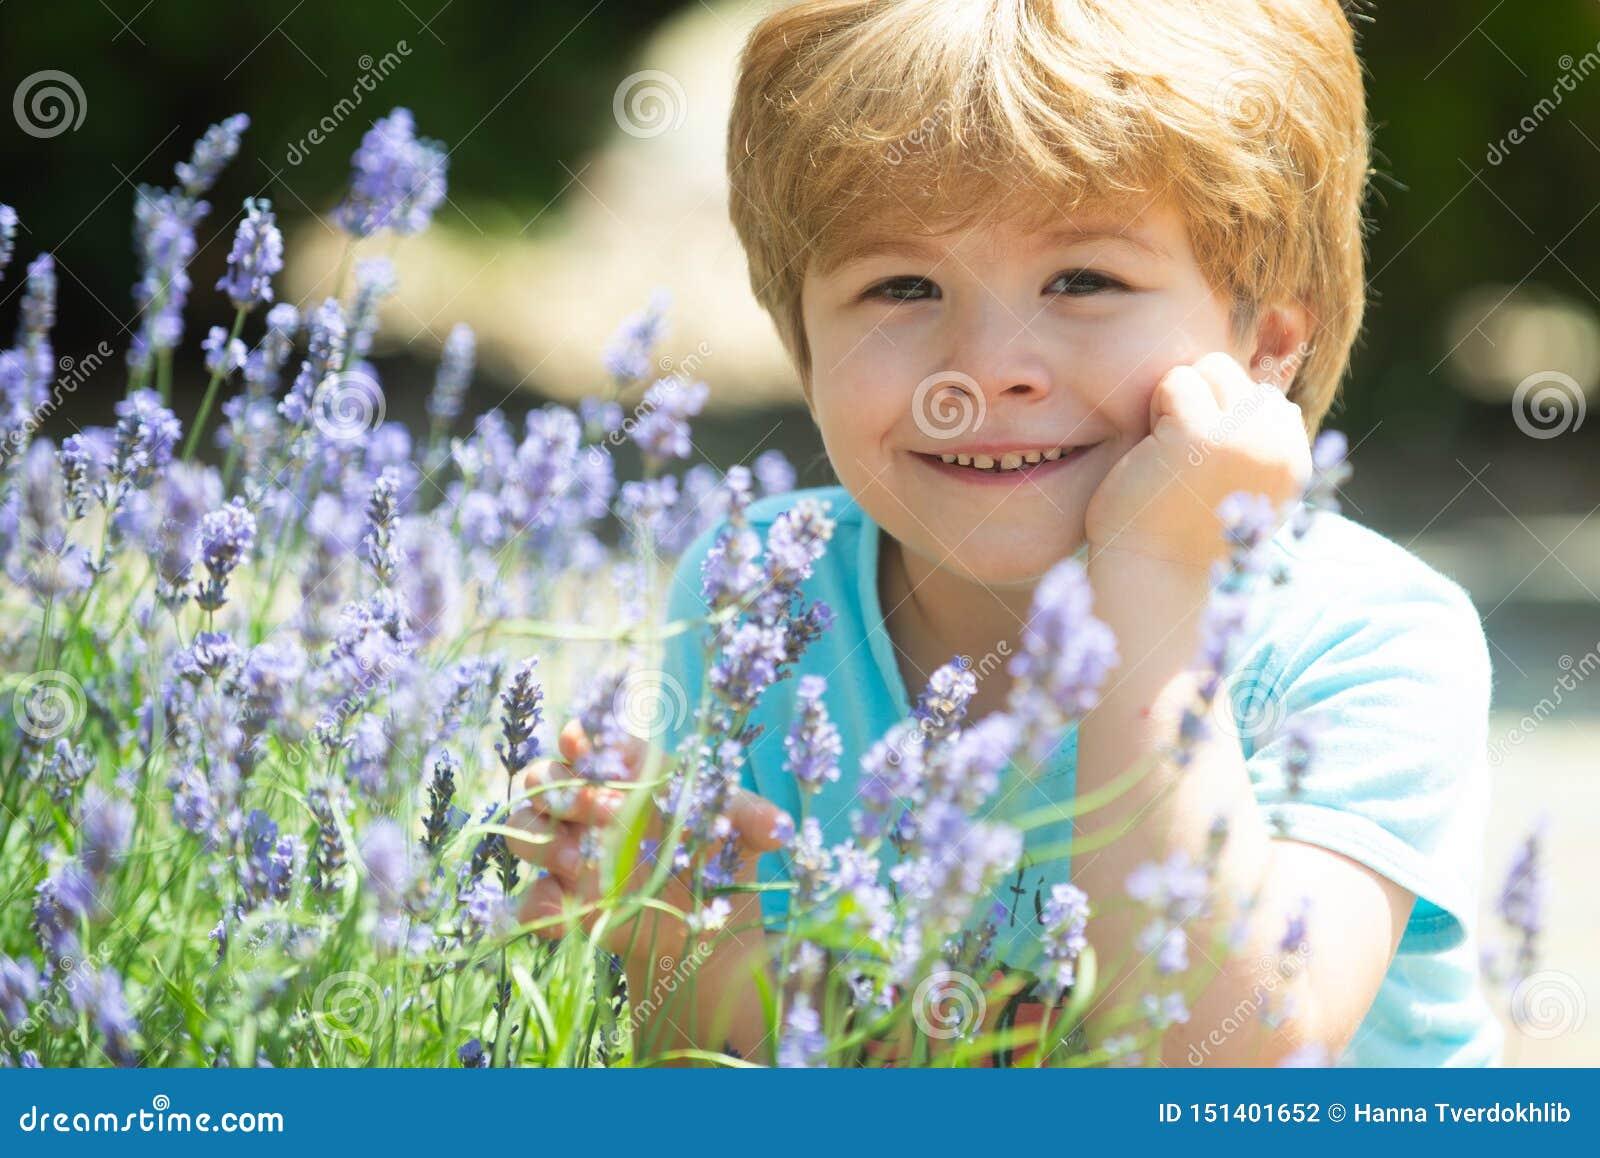 Ευτυχές παιδί lavender στους θάμνους E Φρέσκο lavender Ένα παιδί στη φύση Χλόη υπολοίπου Όμορφο φρέσκο καλοκαίρι